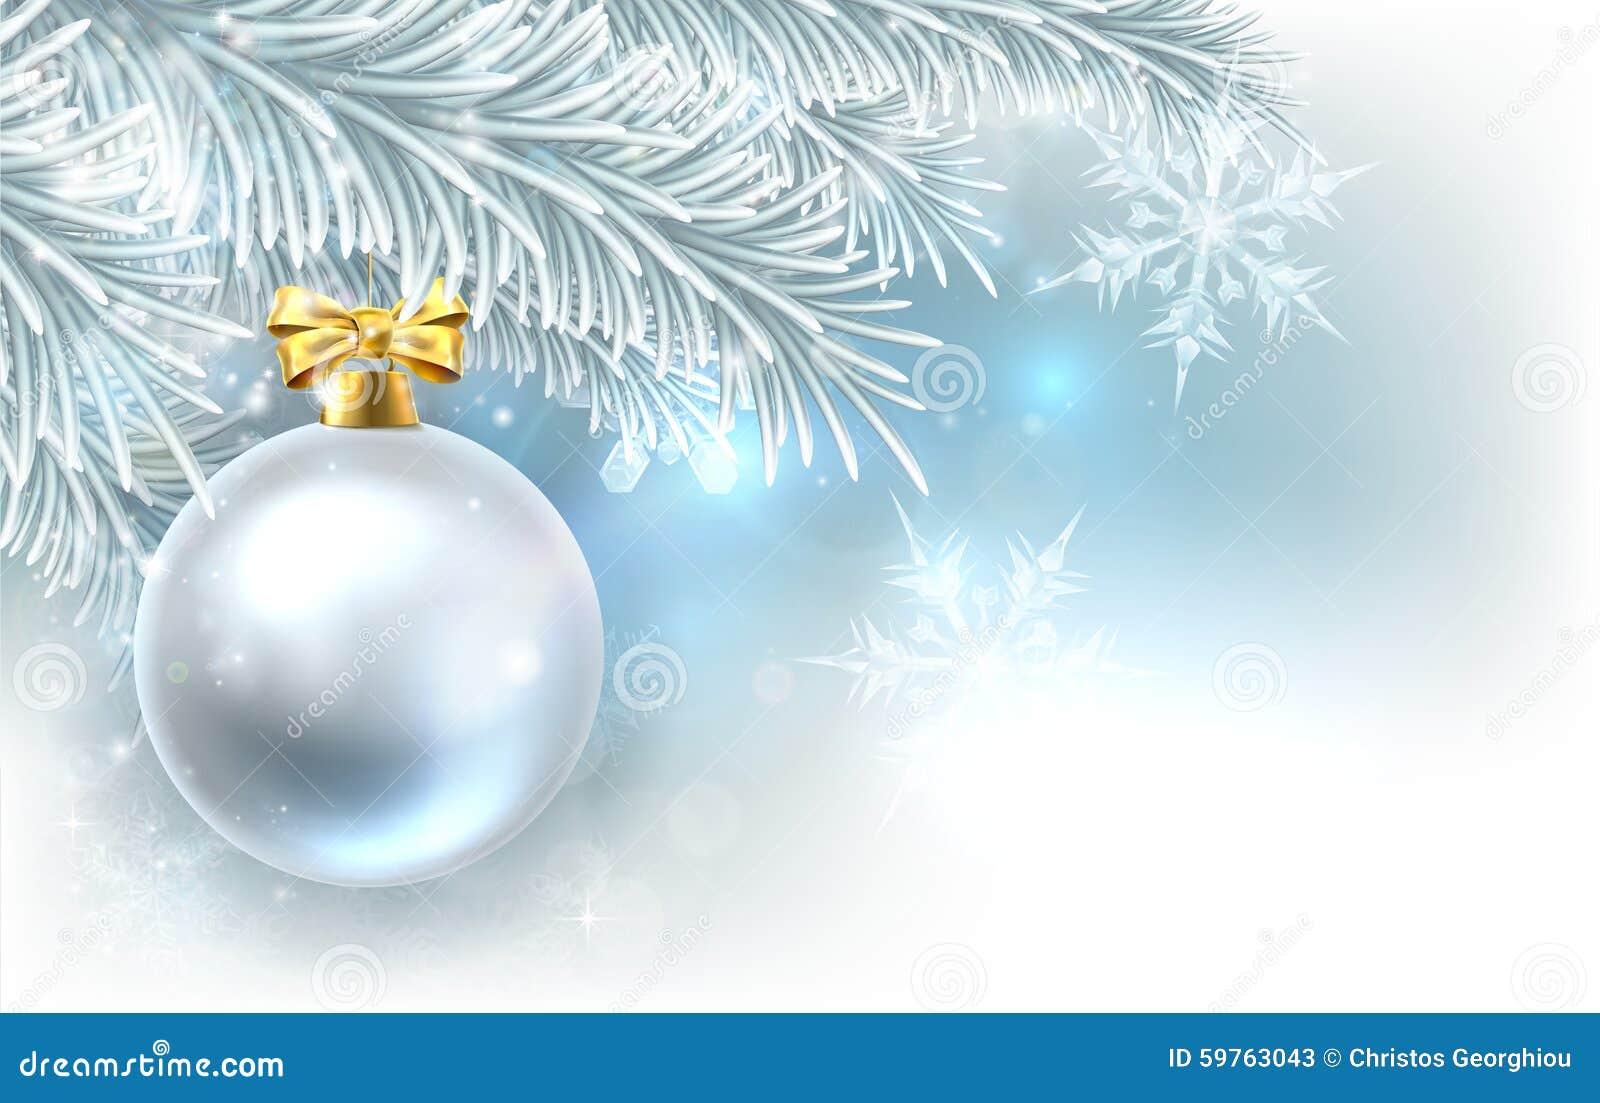 De Achtergrond van de kerstboomsnuisterij